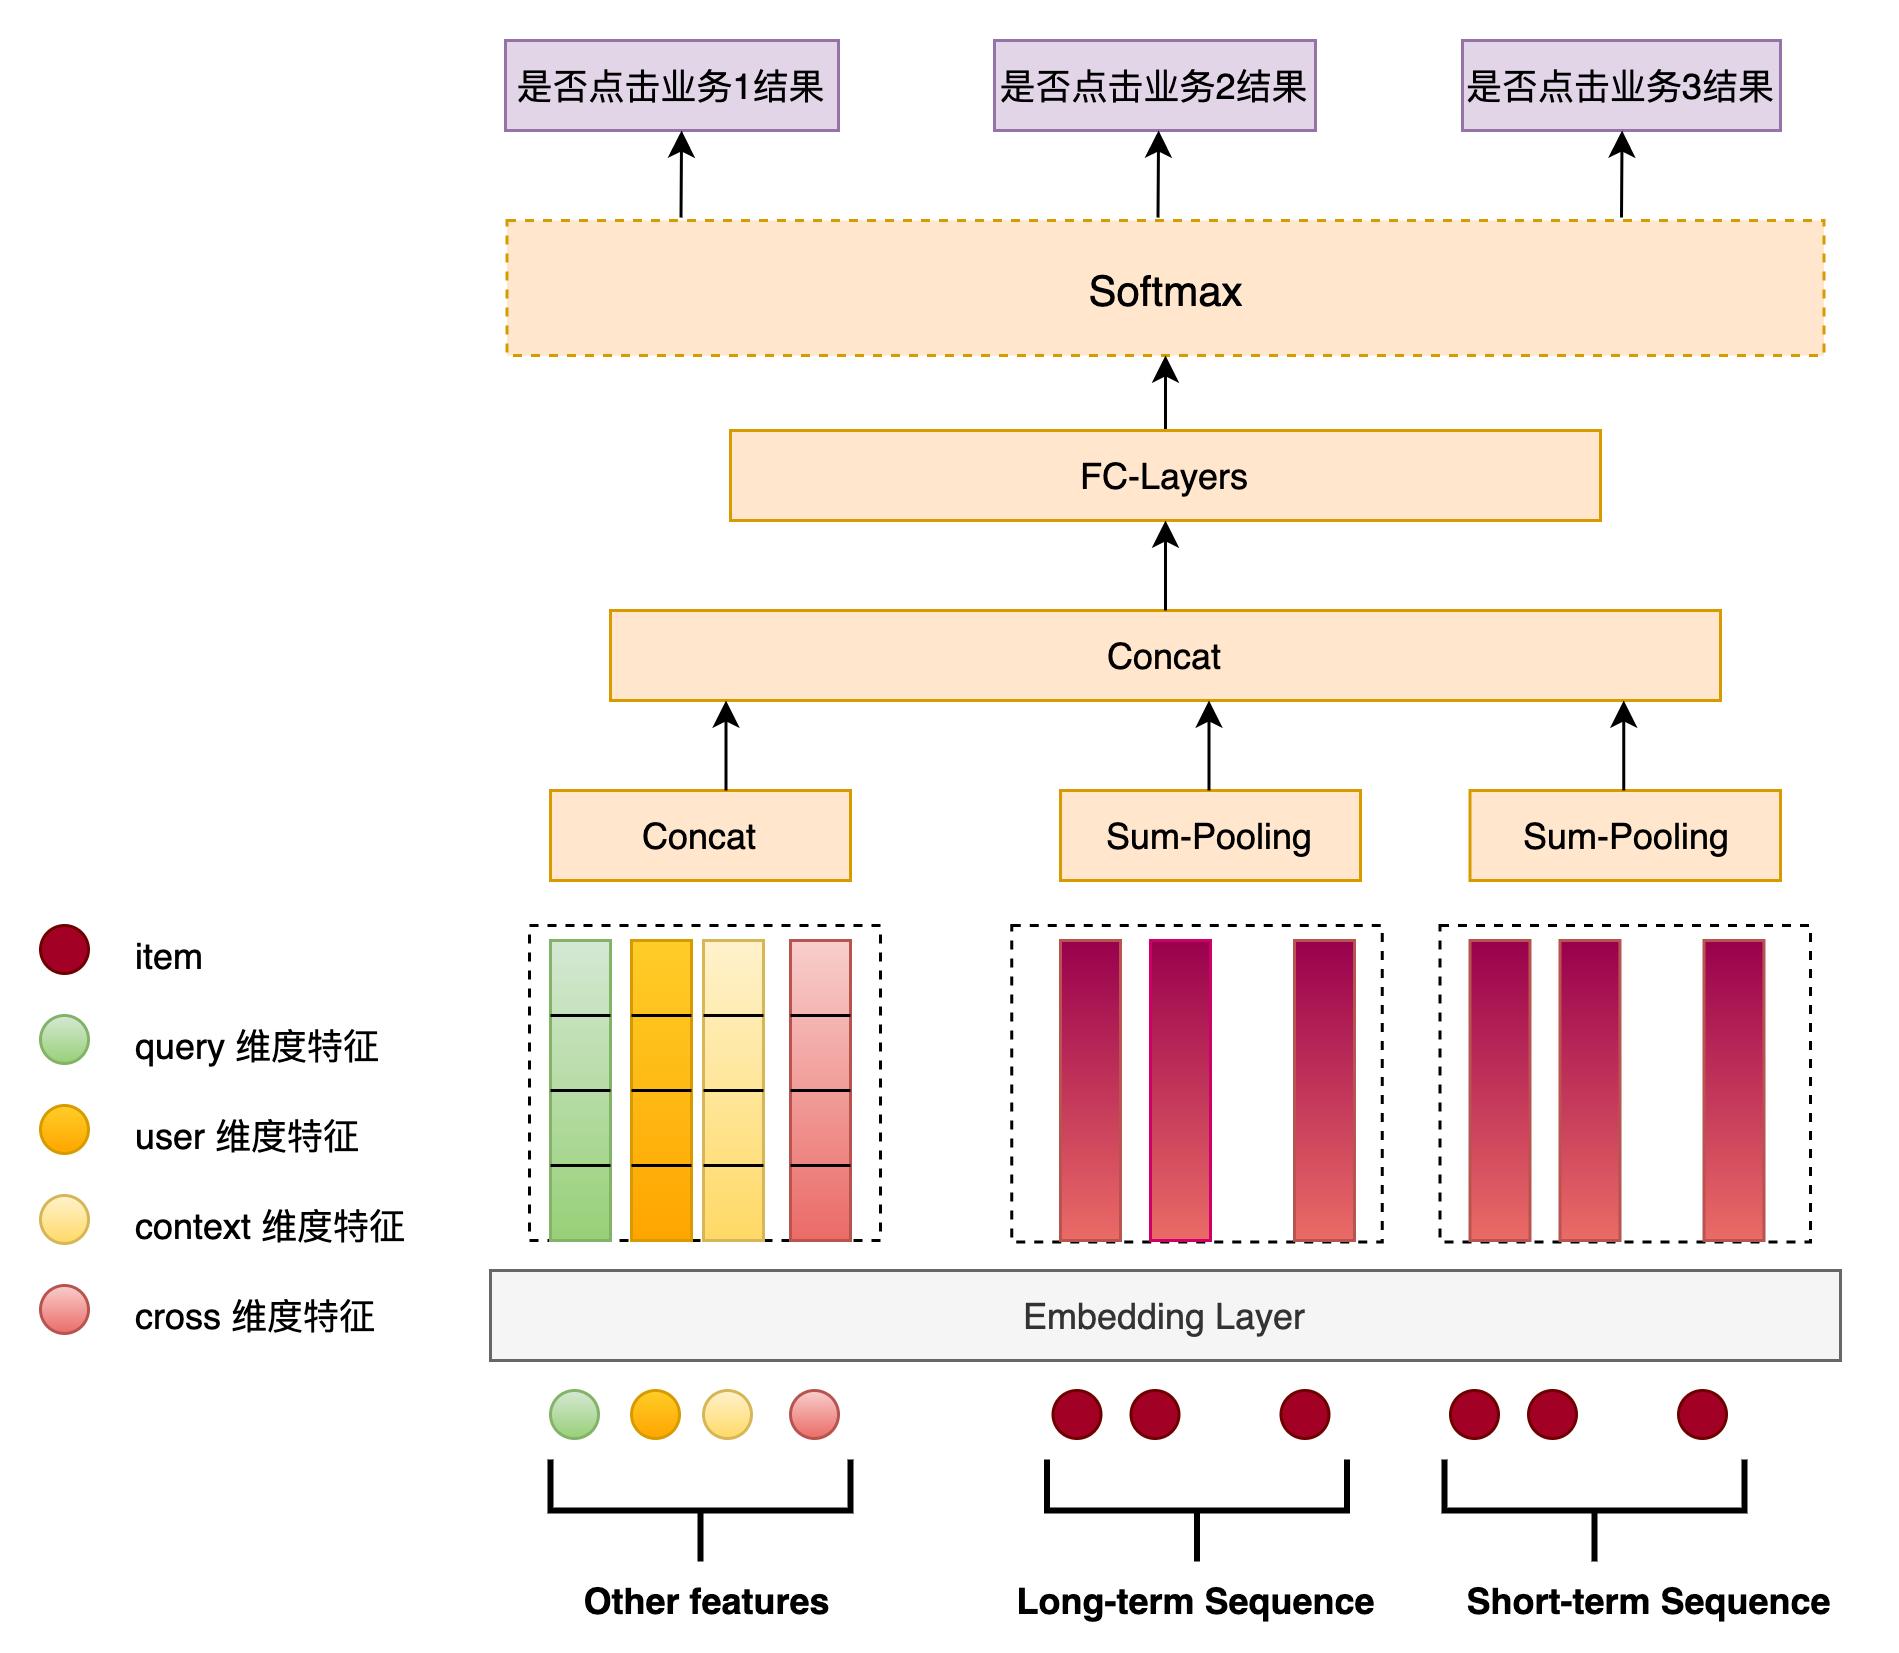 图4 MQM-V1 模型结构图